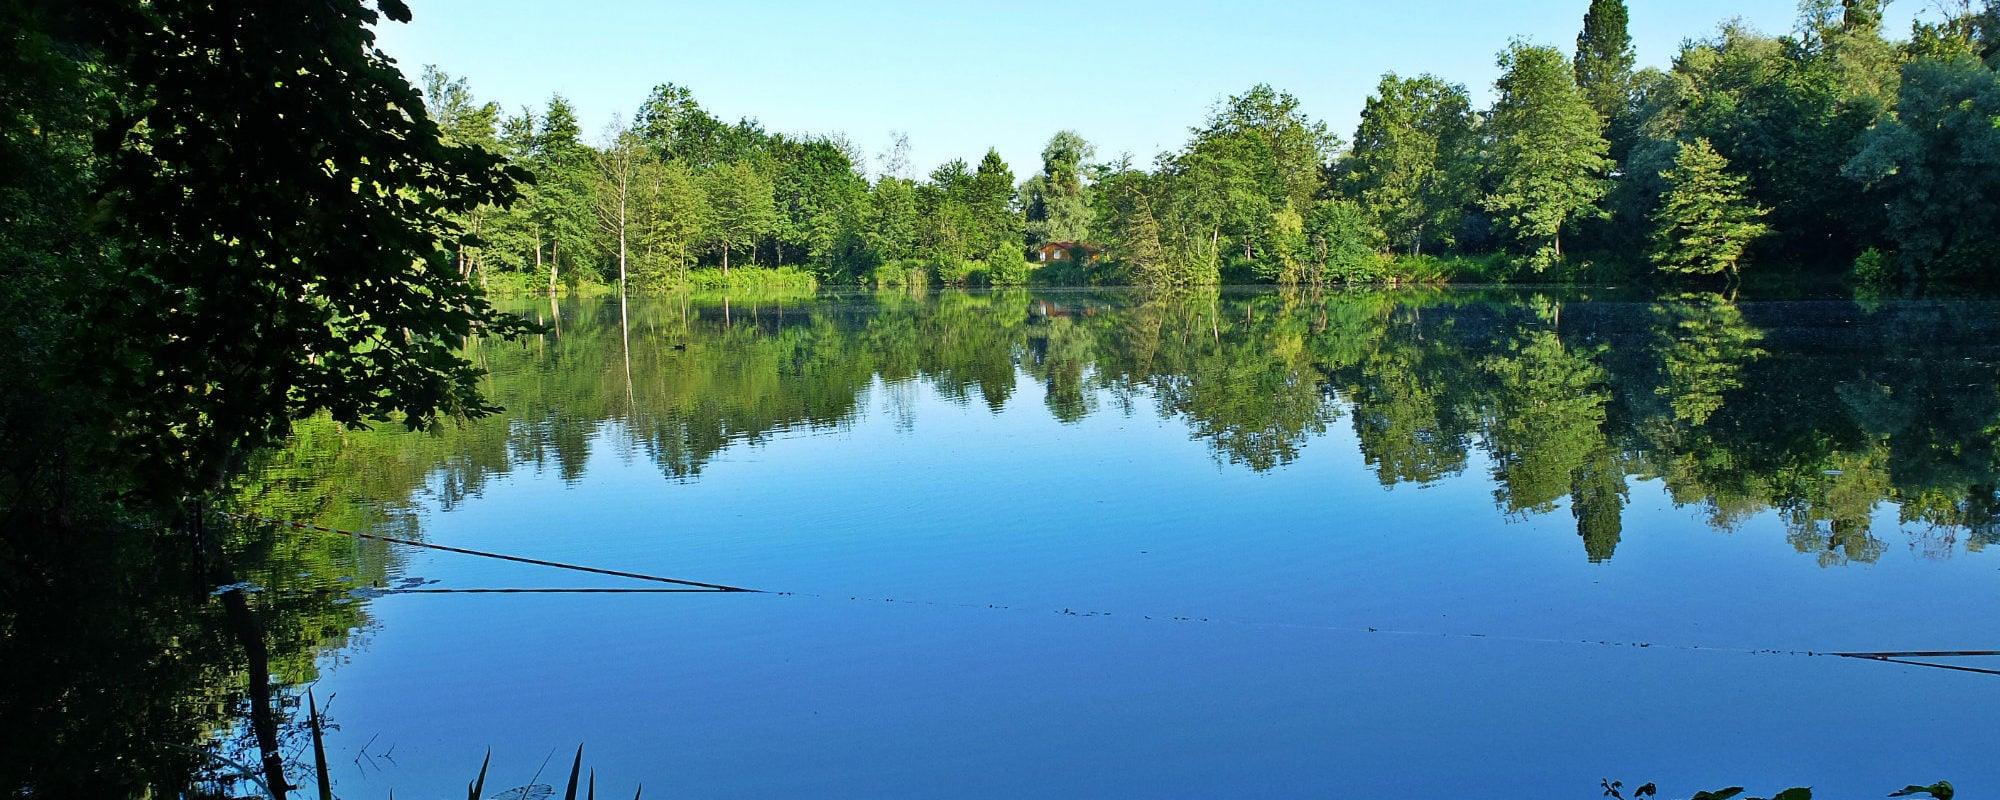 Balade nature au nord de Strasbourg, à la découverte des étangs de Schilick